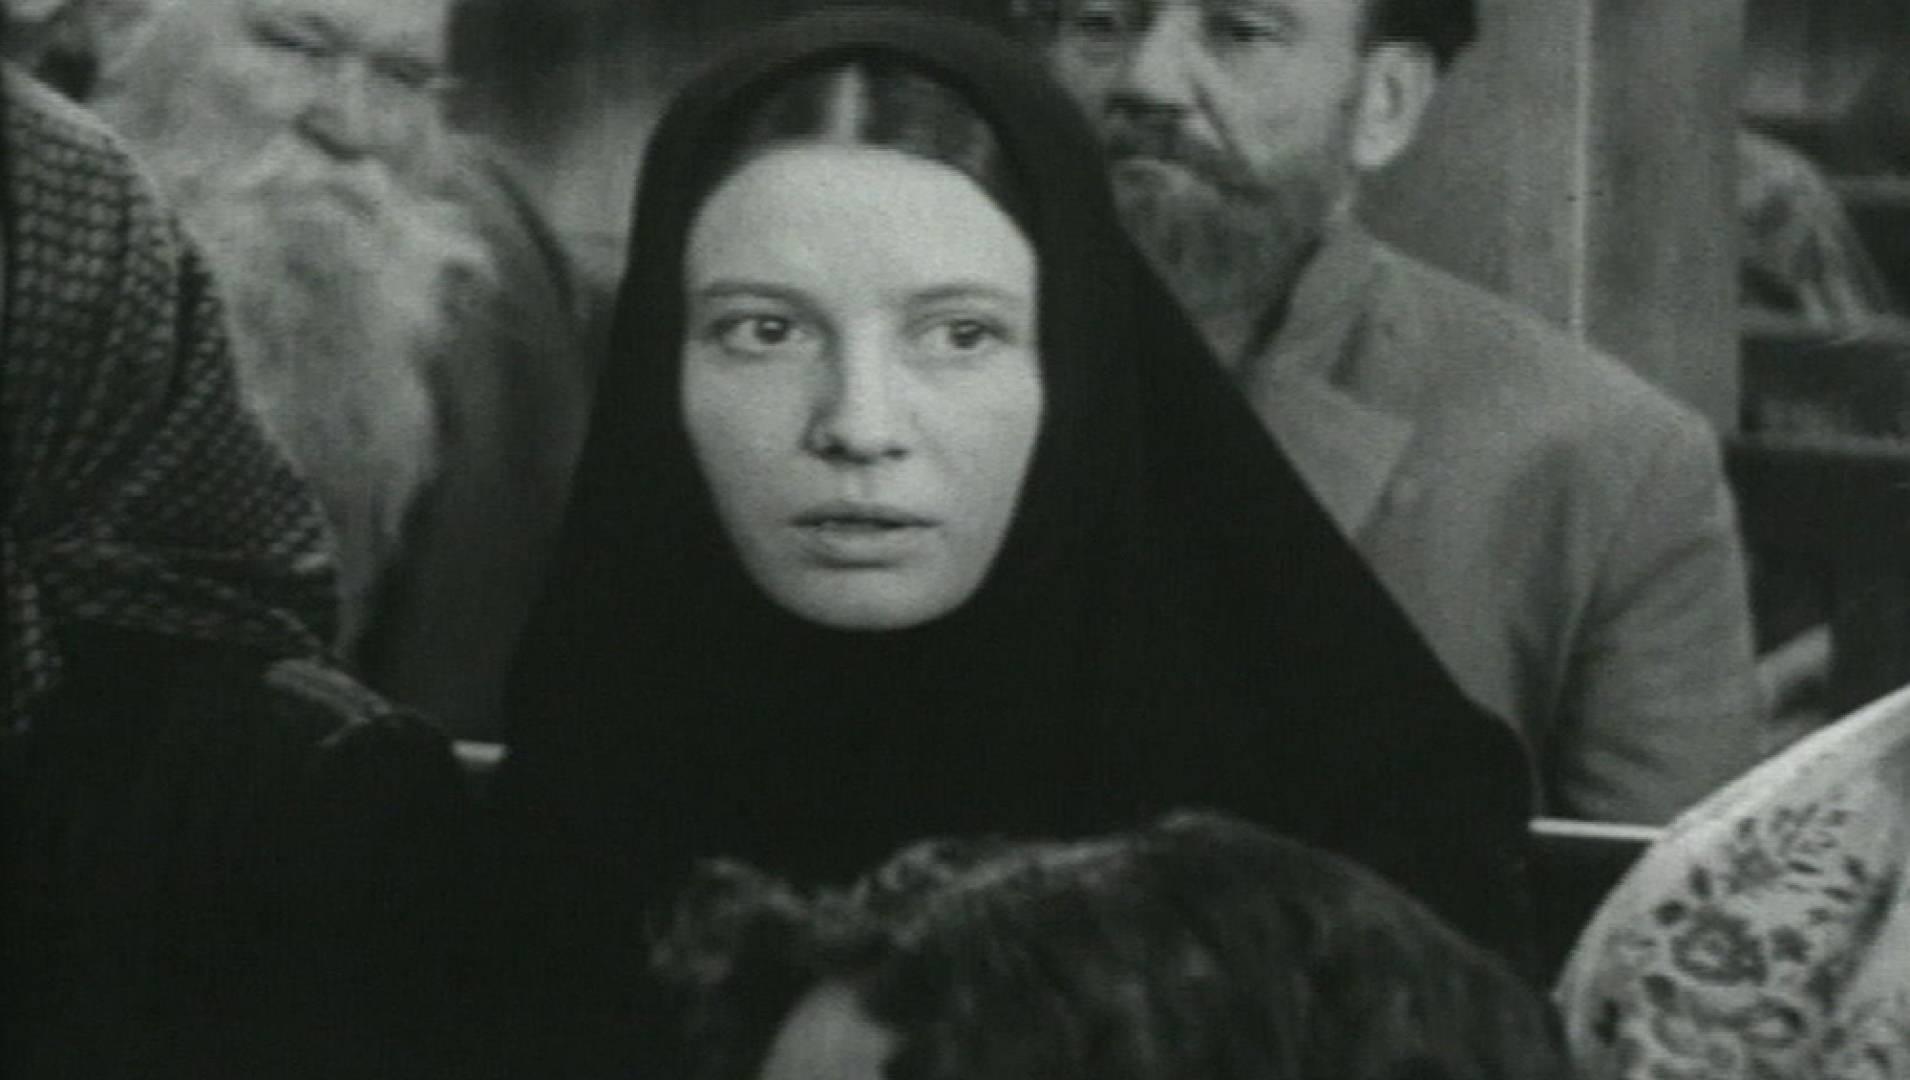 Главный свидетель - Драма, Фильм